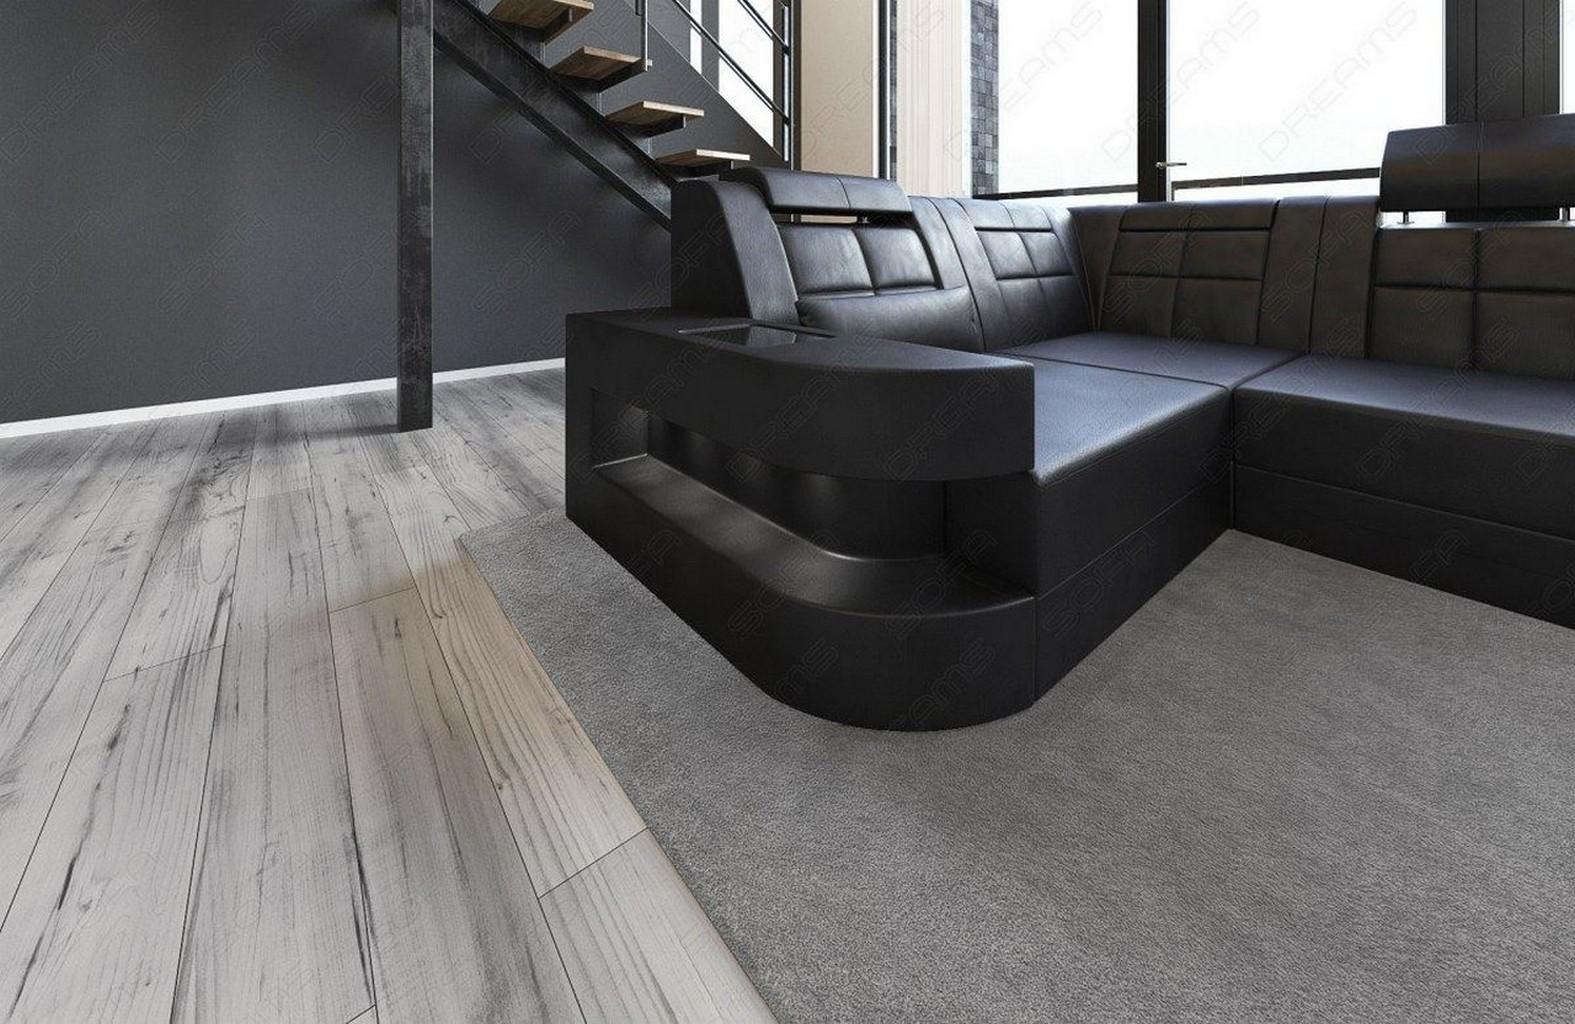 couch ledersofa wave u form led design sofa eckcouch megasofa schwarz schwarz ebay. Black Bedroom Furniture Sets. Home Design Ideas